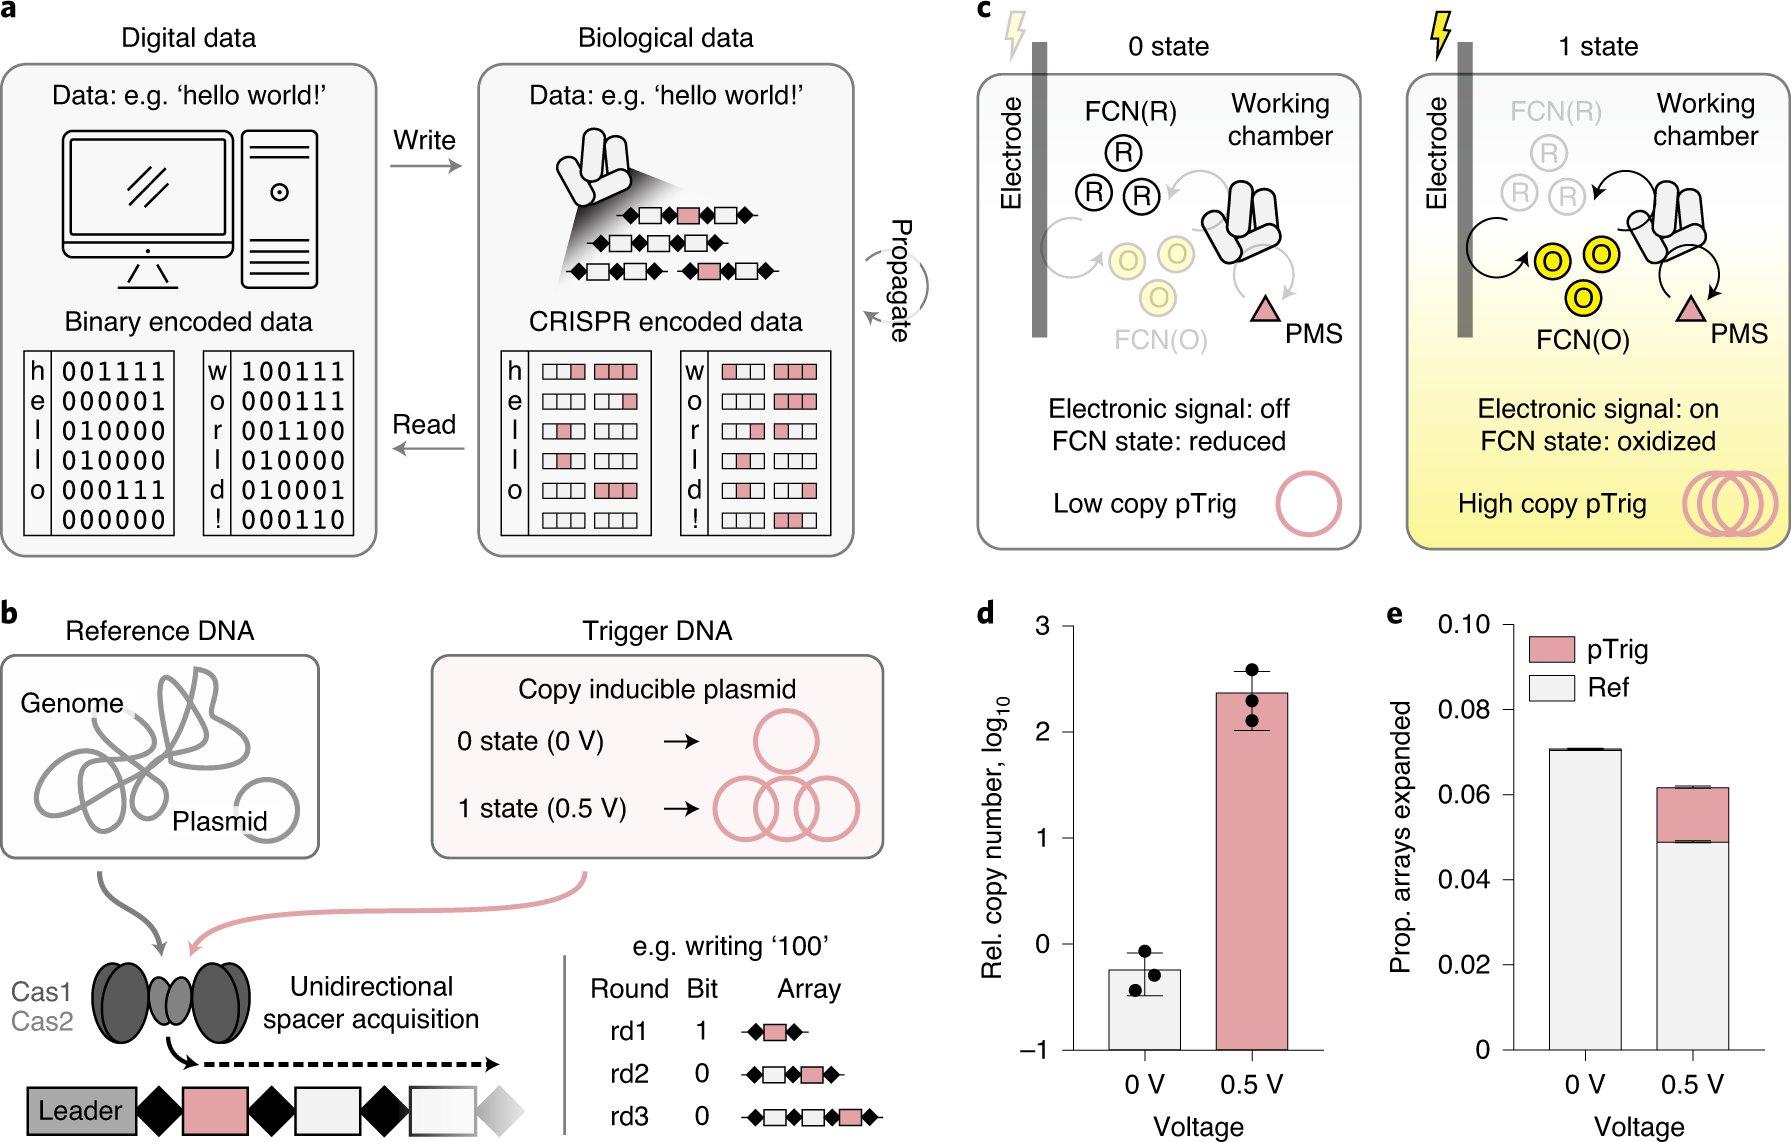 Прямое кодирование цифровой информации вДНК клеток. <a href=https://www.nature.com/articles/s41589-020-00711-4>S.Yim, <i>Nat Chem Biol</i> (2021)</a>.